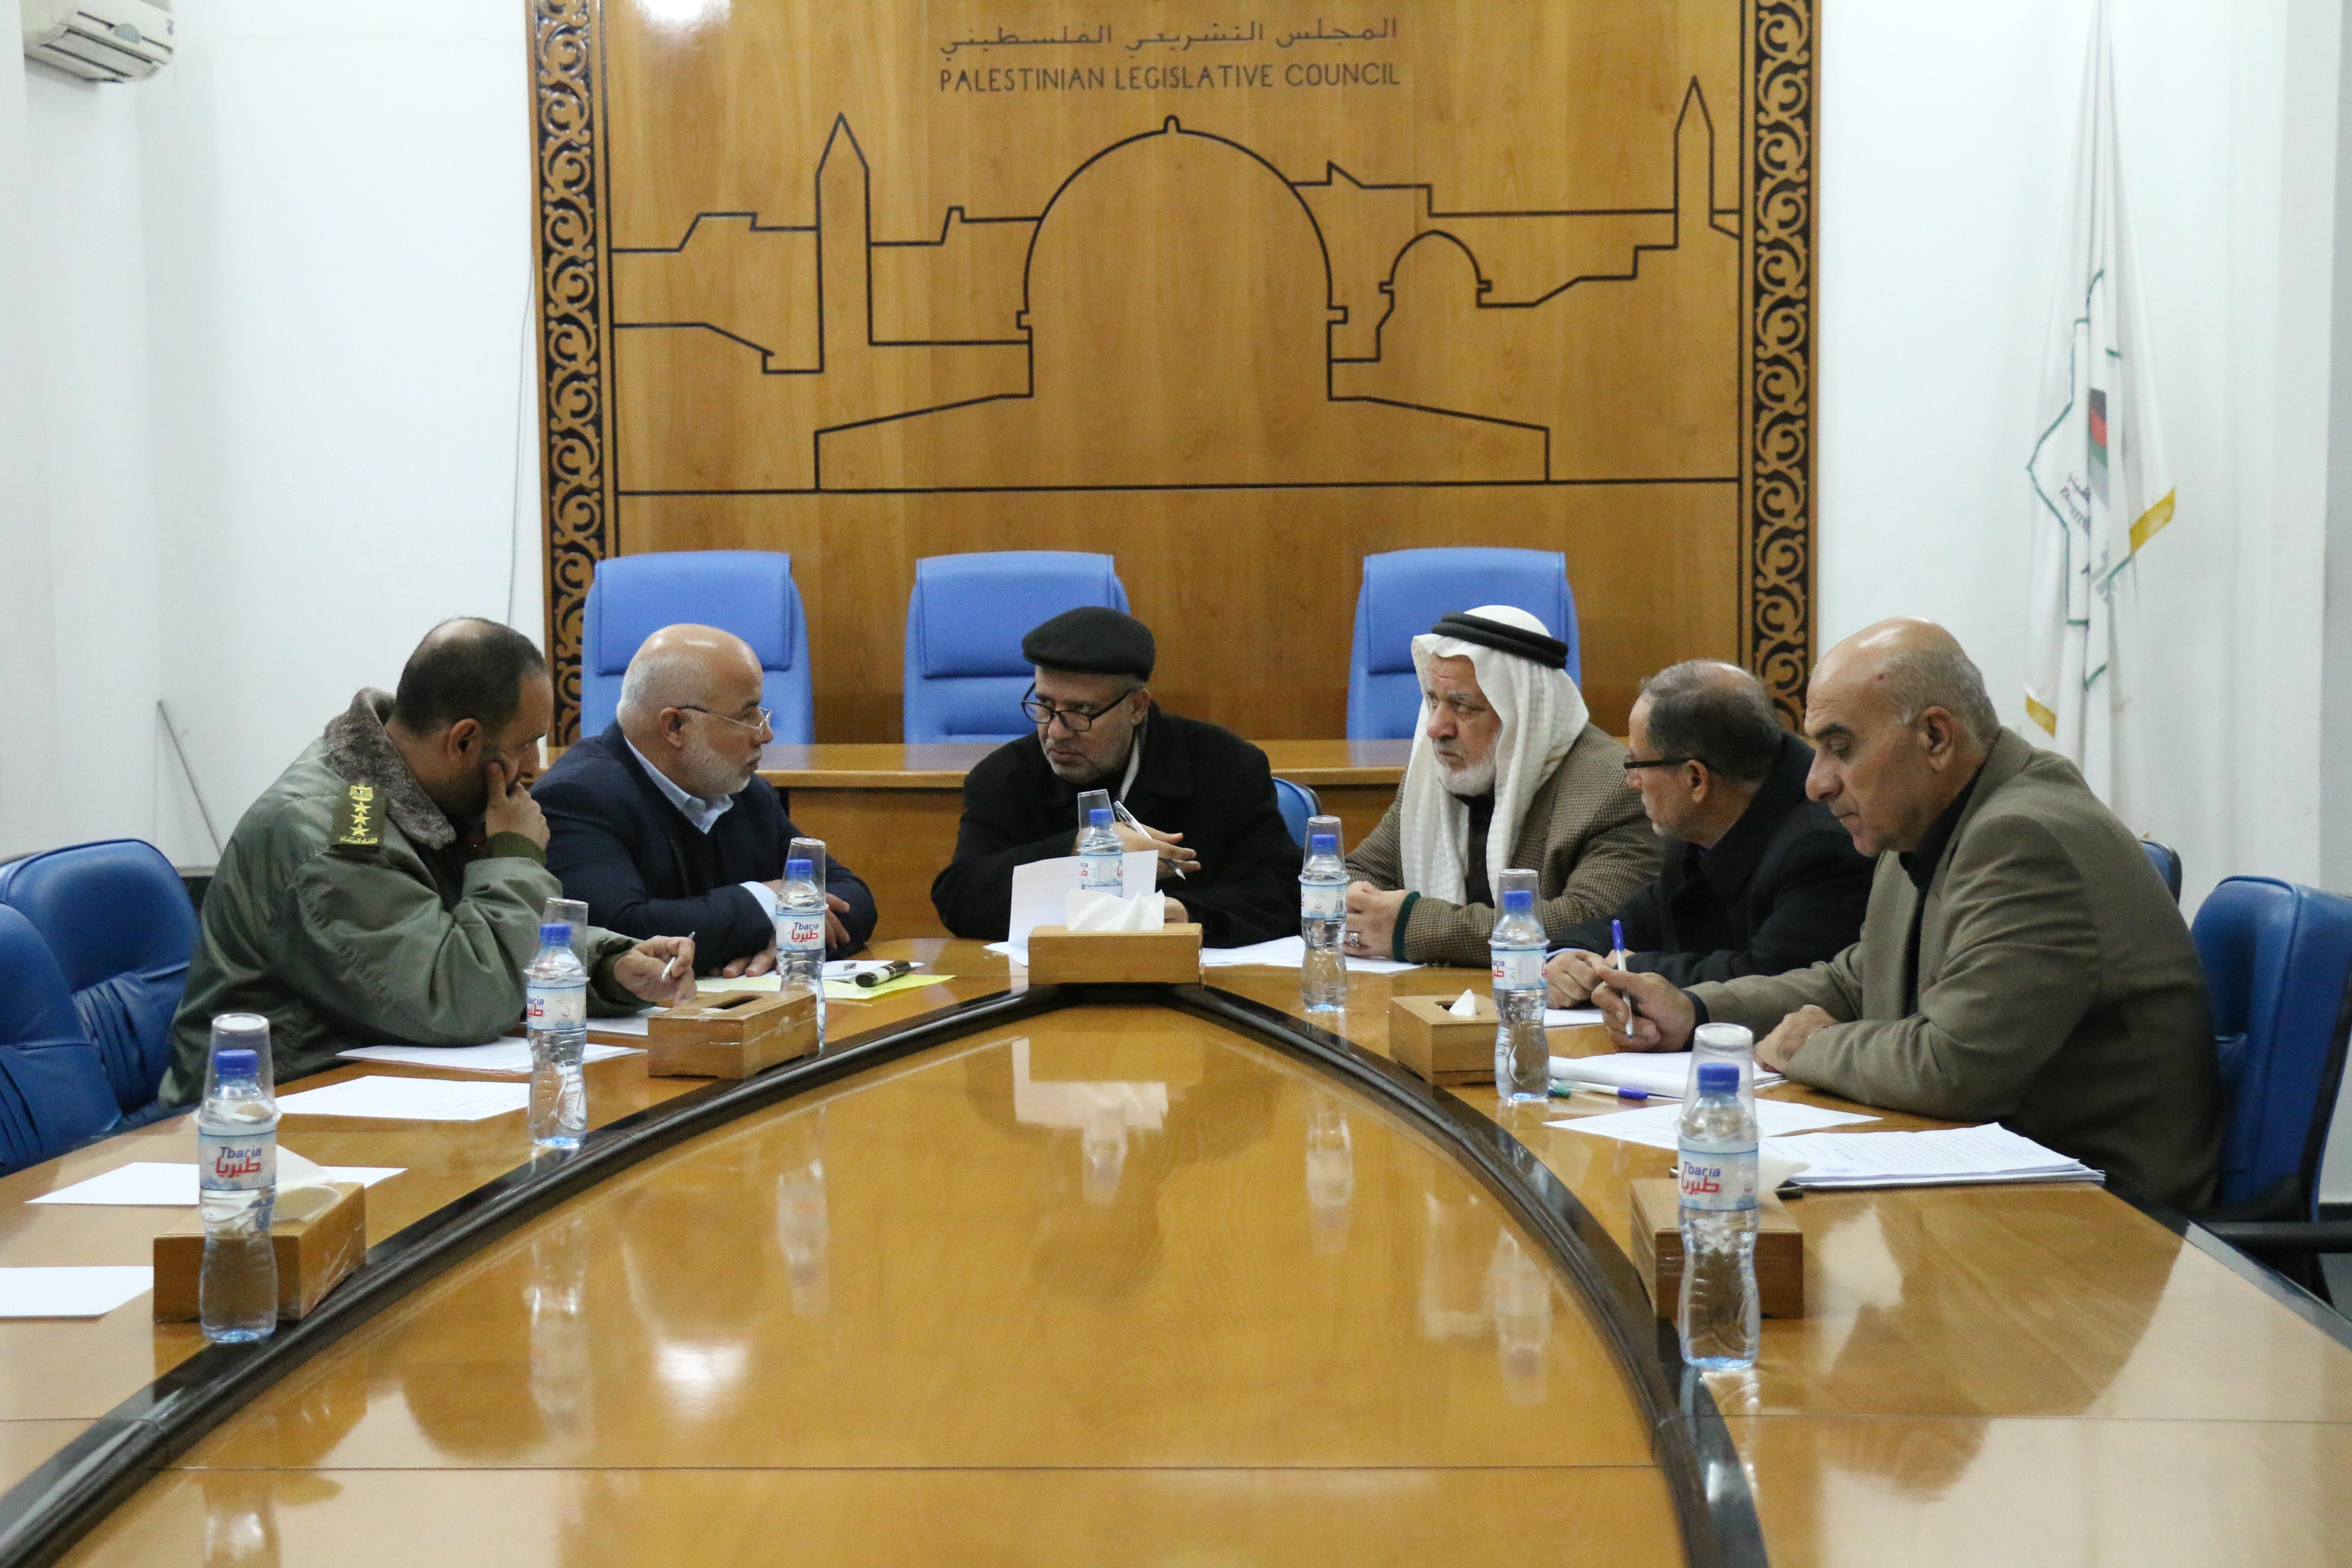 النائب الأشقر: غزة ستبقى واحة للأمن والاستقرار لشعبنا